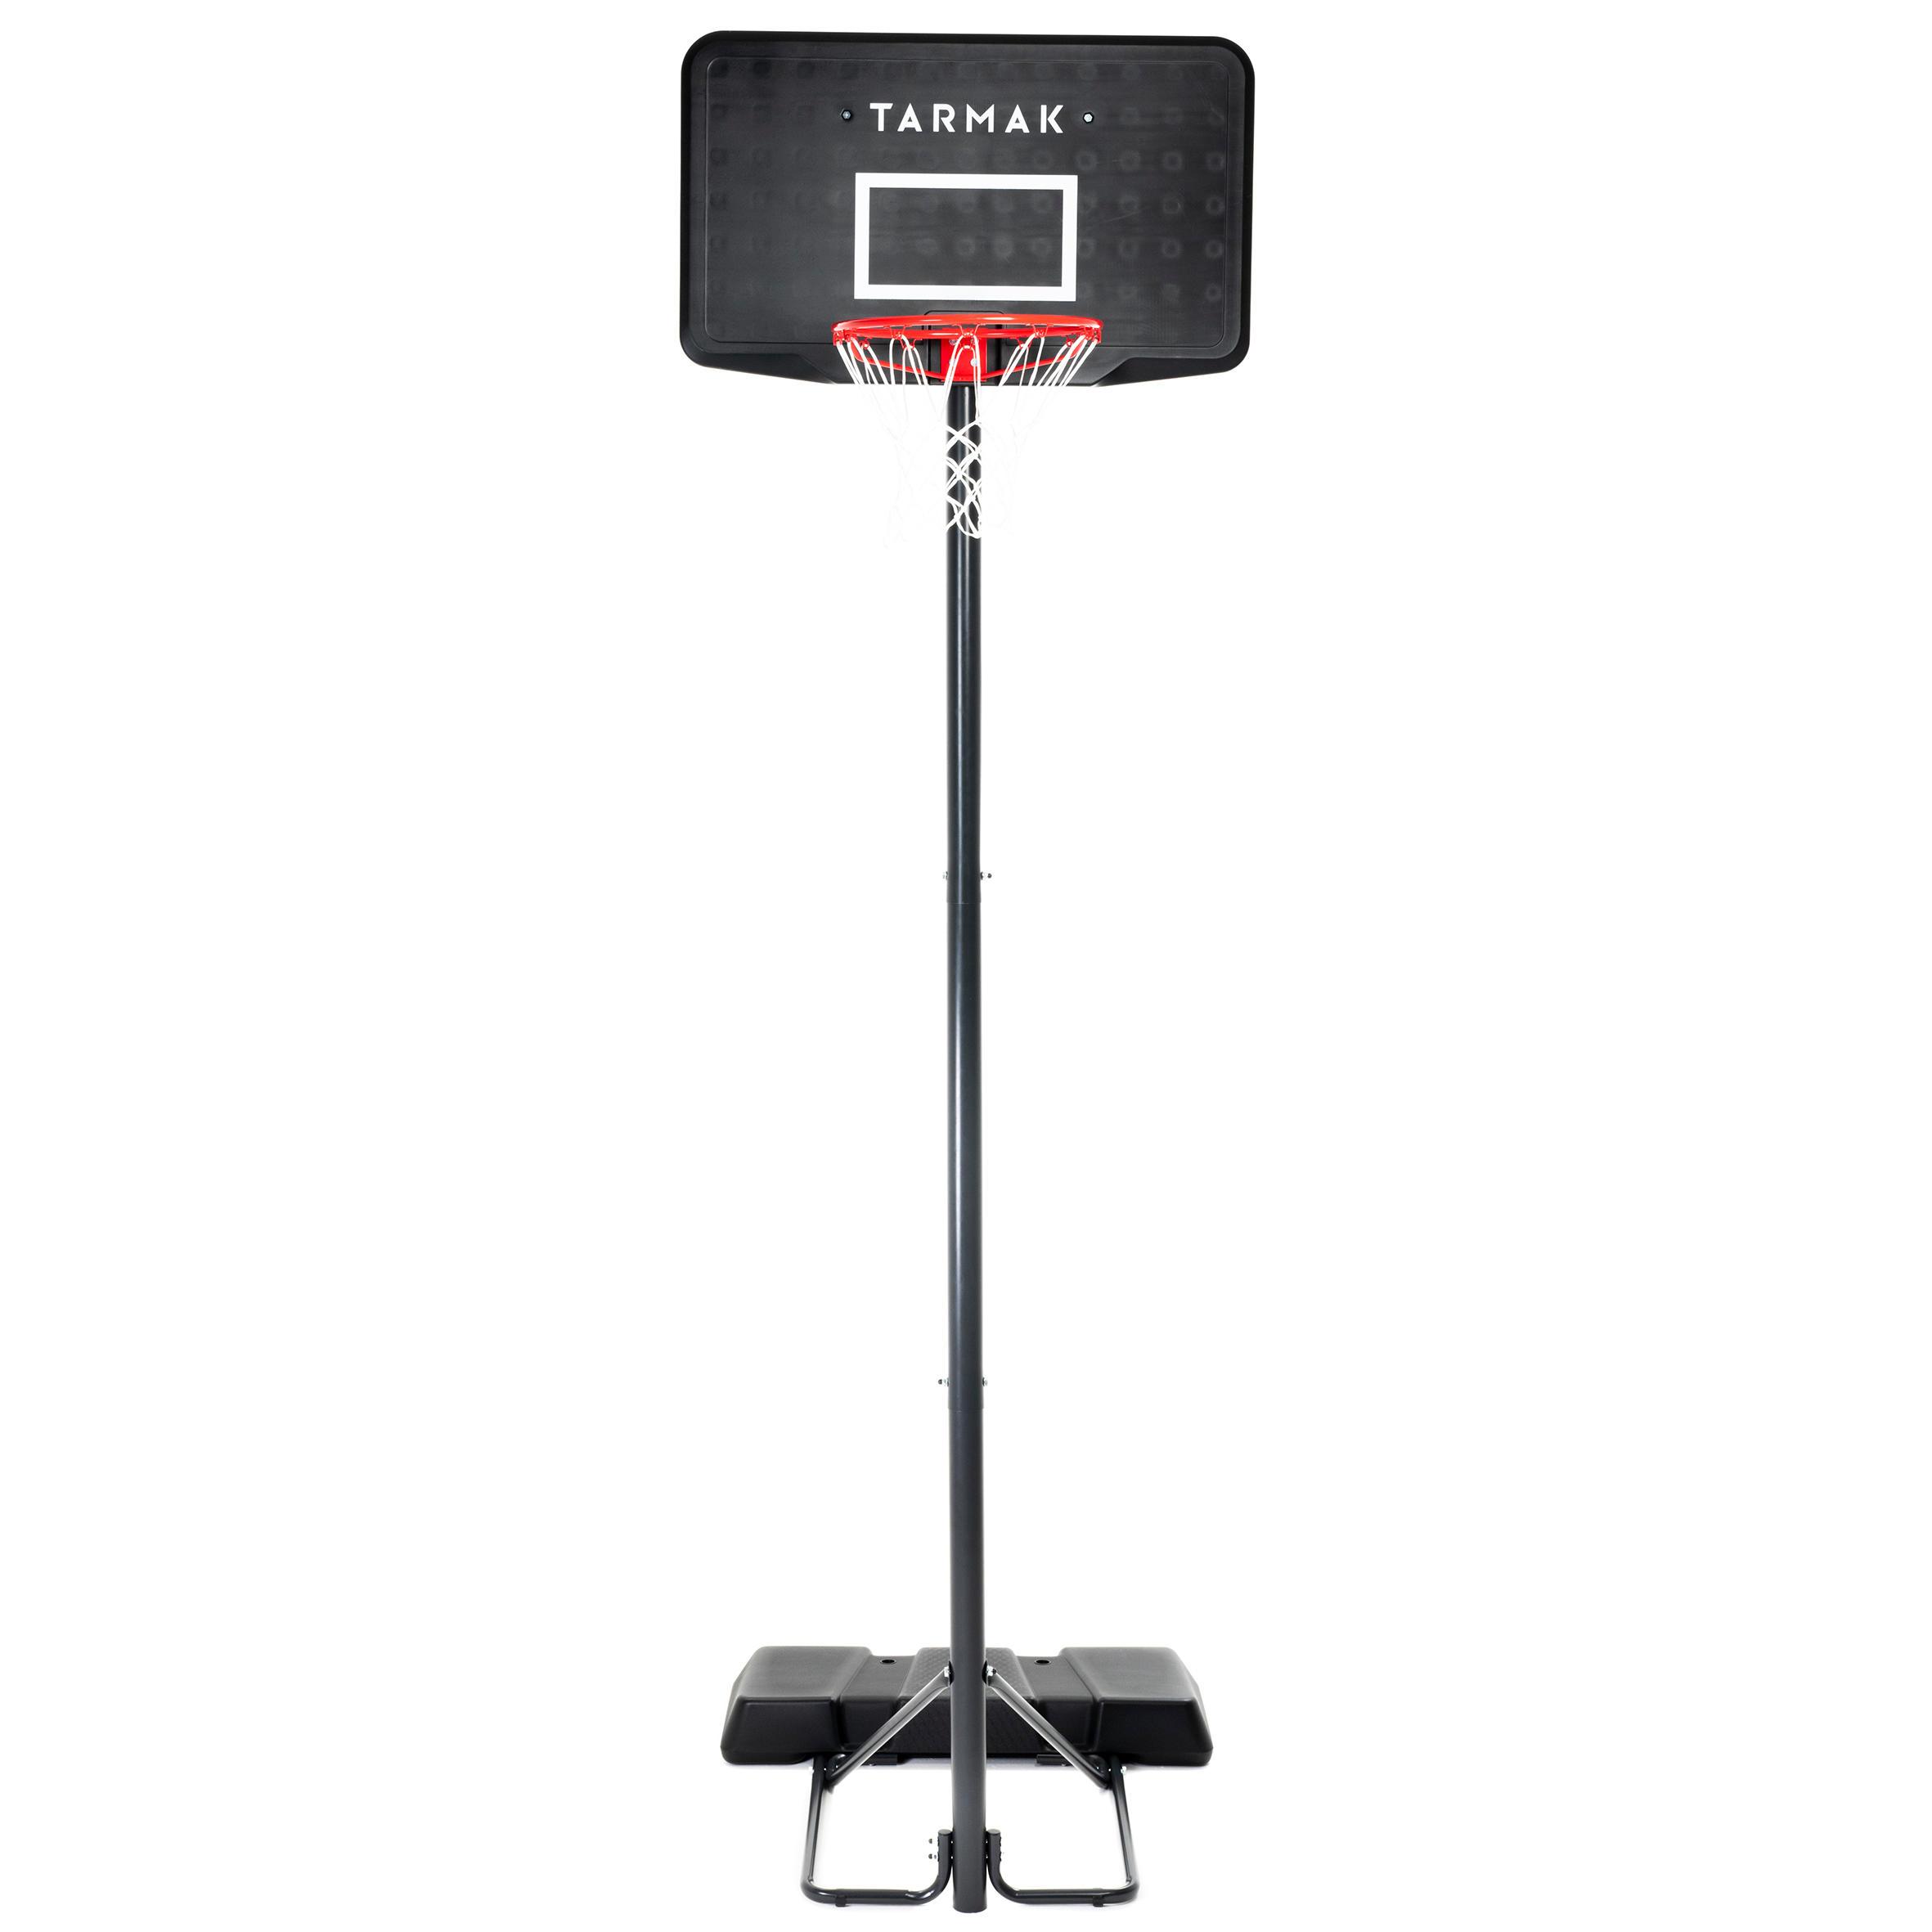 Comprar Canastas y Tableros de Baloncesto online  7550127259d3